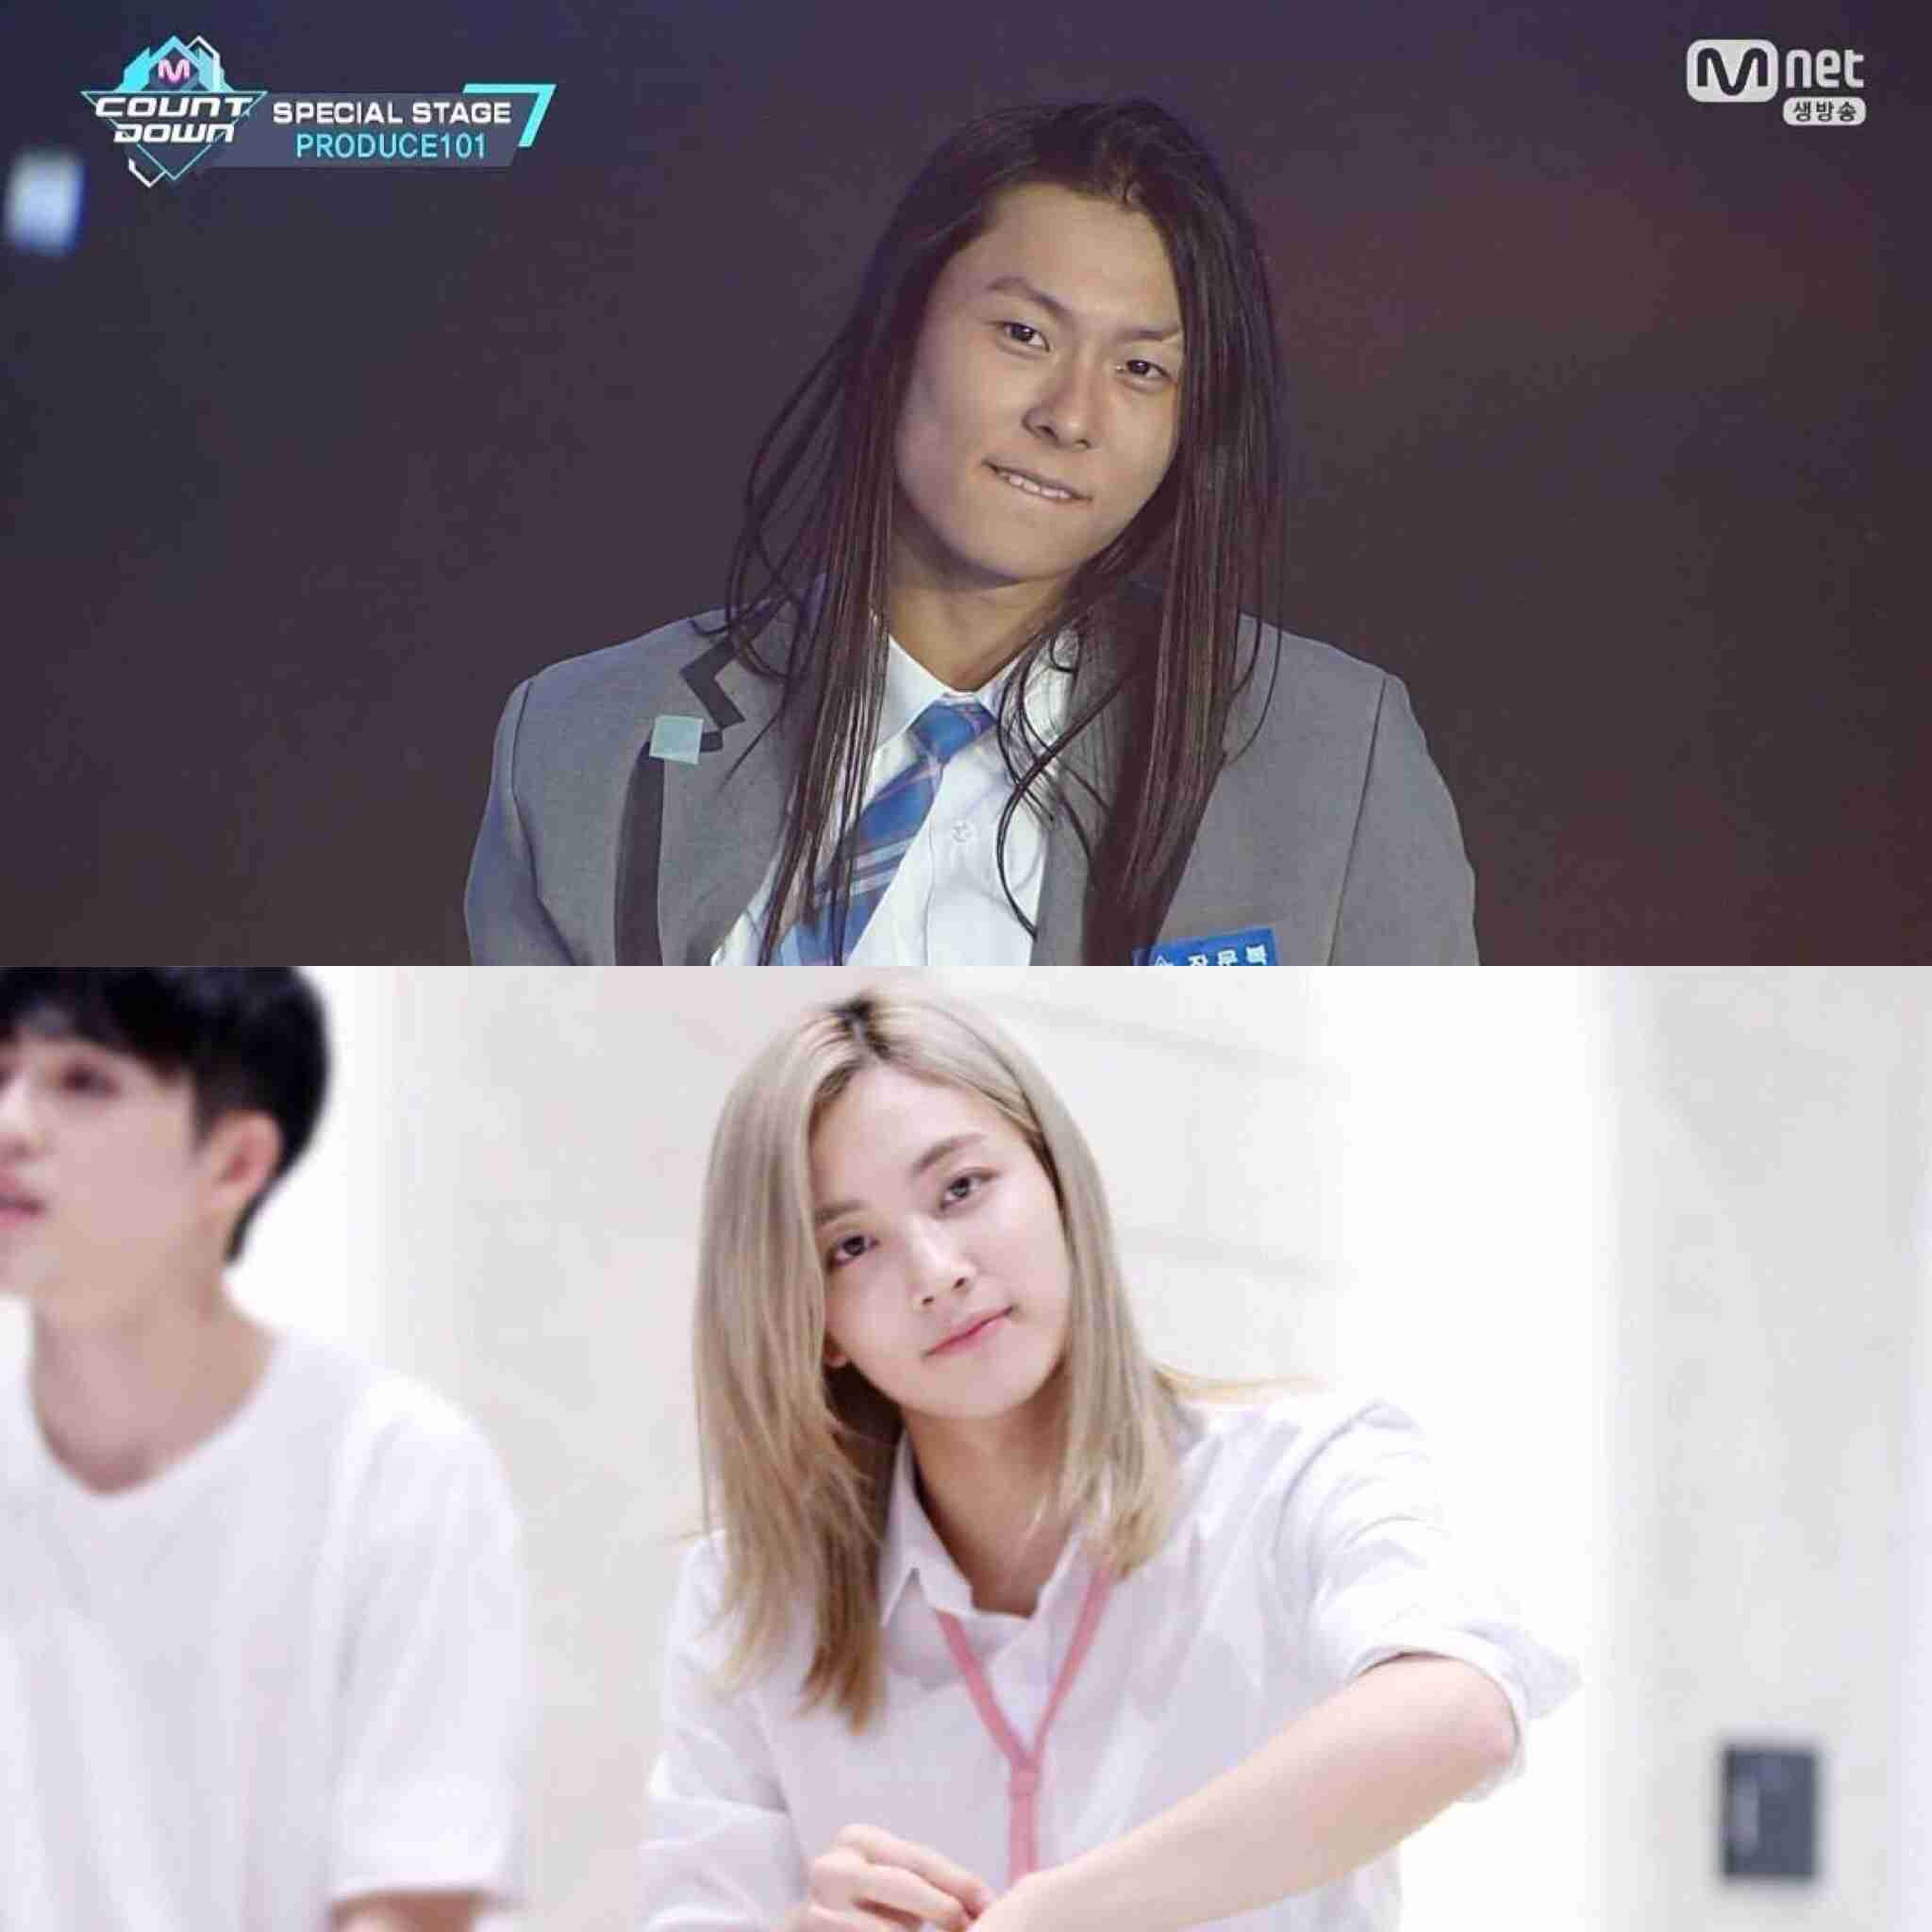 韓国人k-pop美女画像PART2 ひっそりK-POPを語るトピ Part2